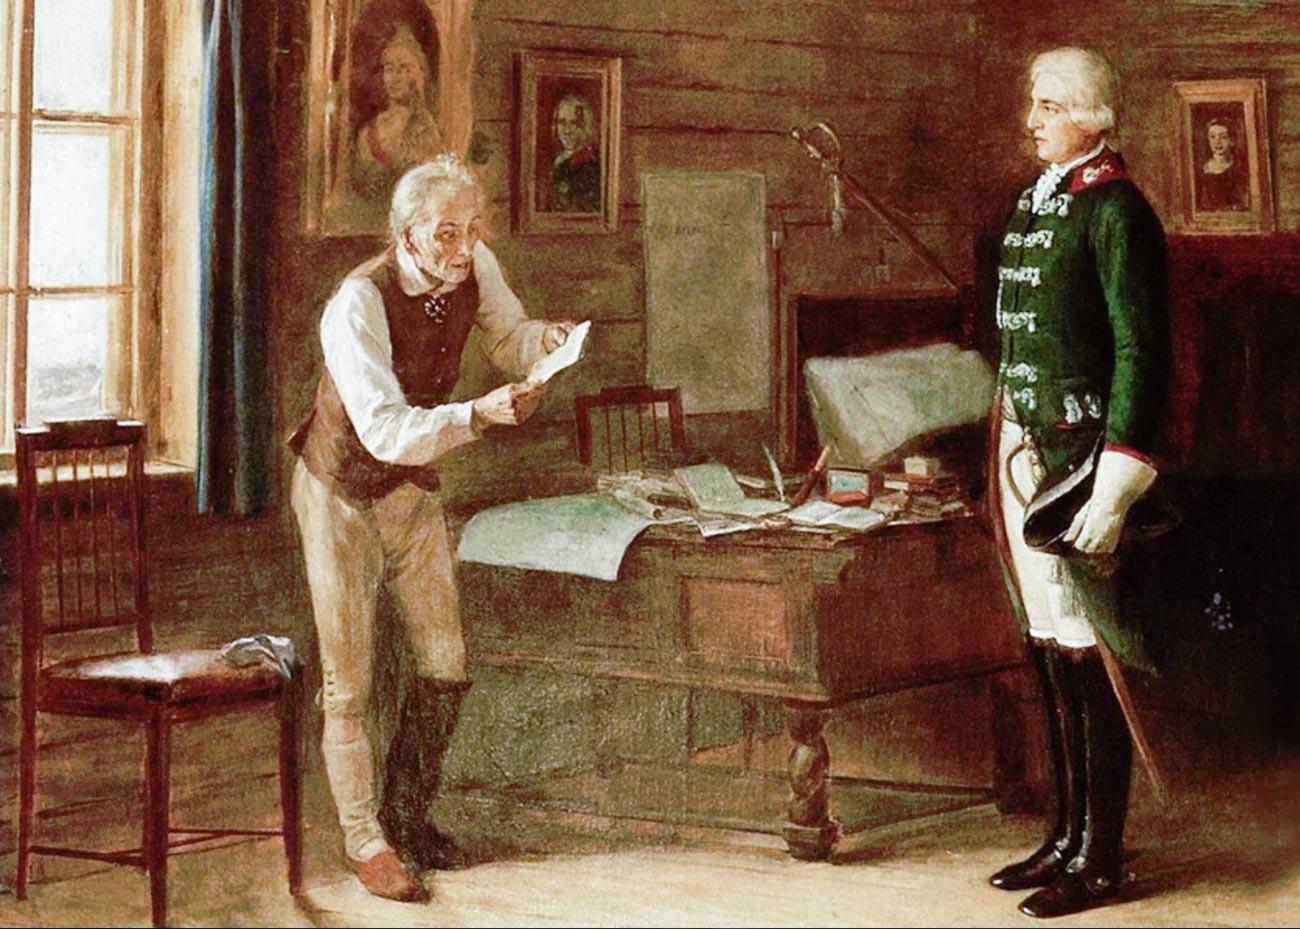 Souvorov exilé reçoit l'ordre de diriger l'armée russe contre Napoléon